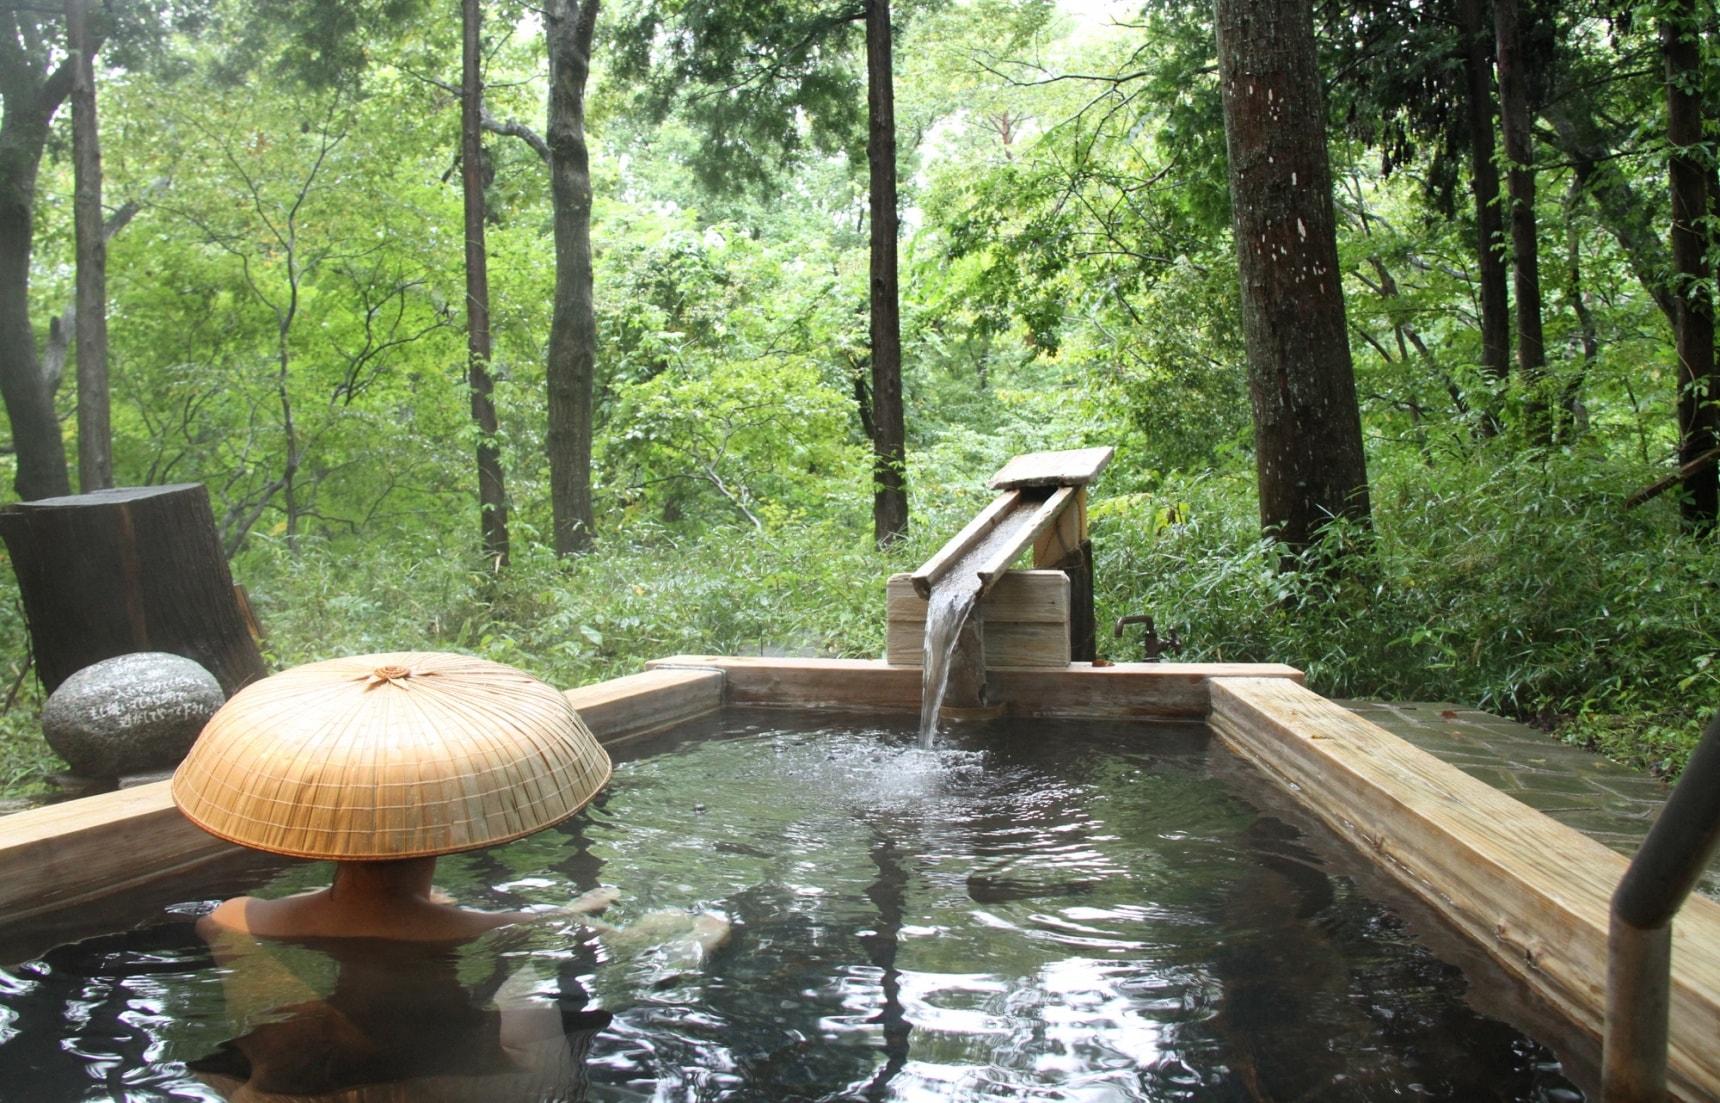 日本溫泉勝地那麼多,到底要怎麼挑?對外國訪客友善的溫泉景點18選